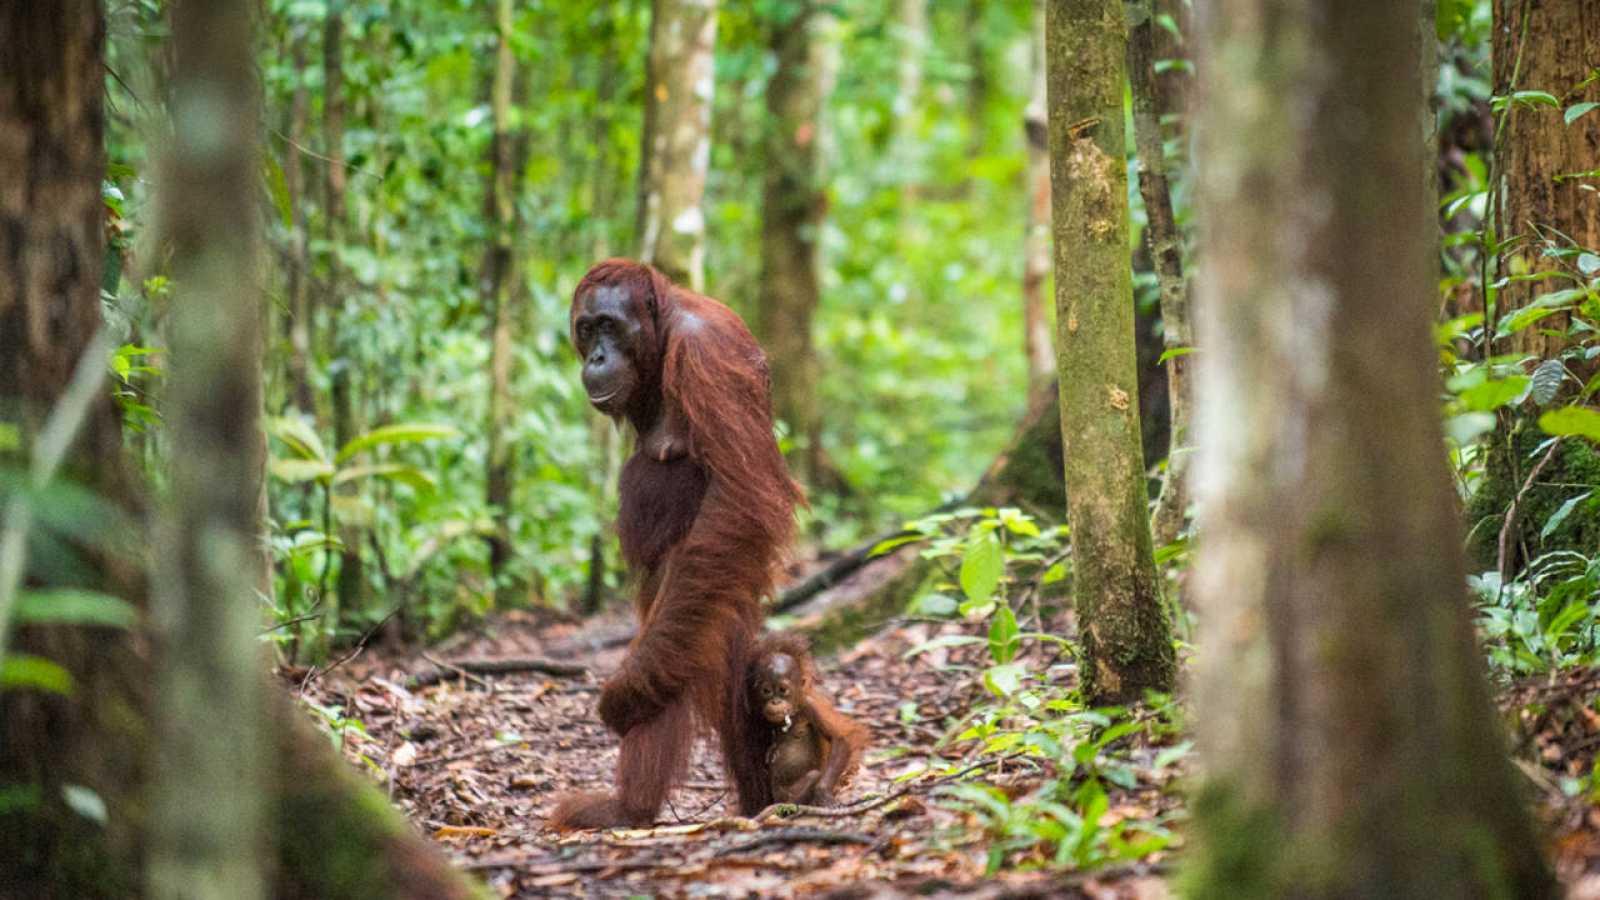 Una hembra de orangután camina junto a su cría en las selvas de Borneo.